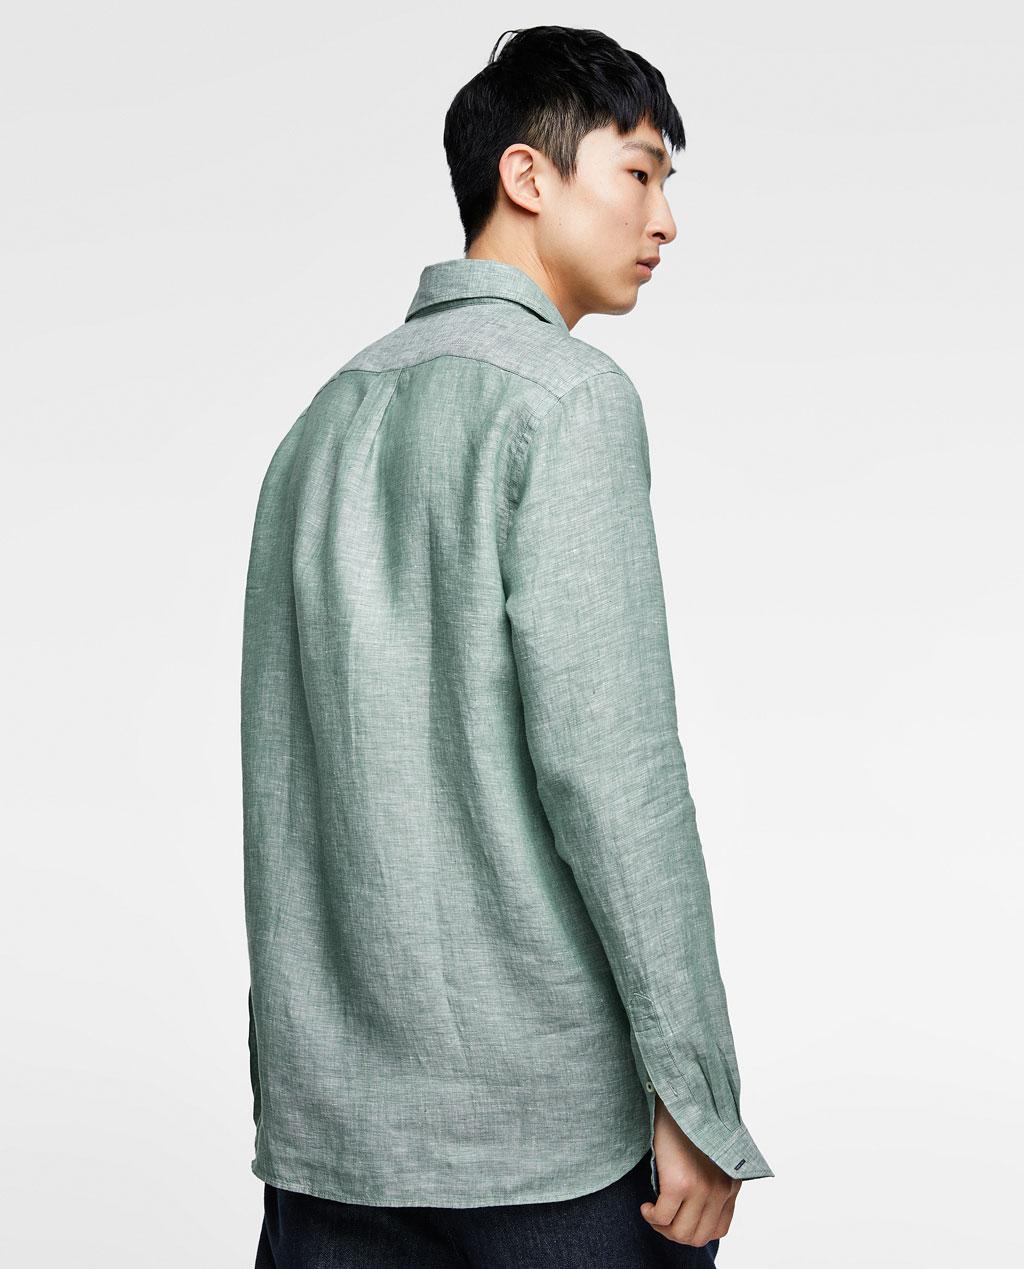 Thời trang nam Zara  23943 - ảnh 5